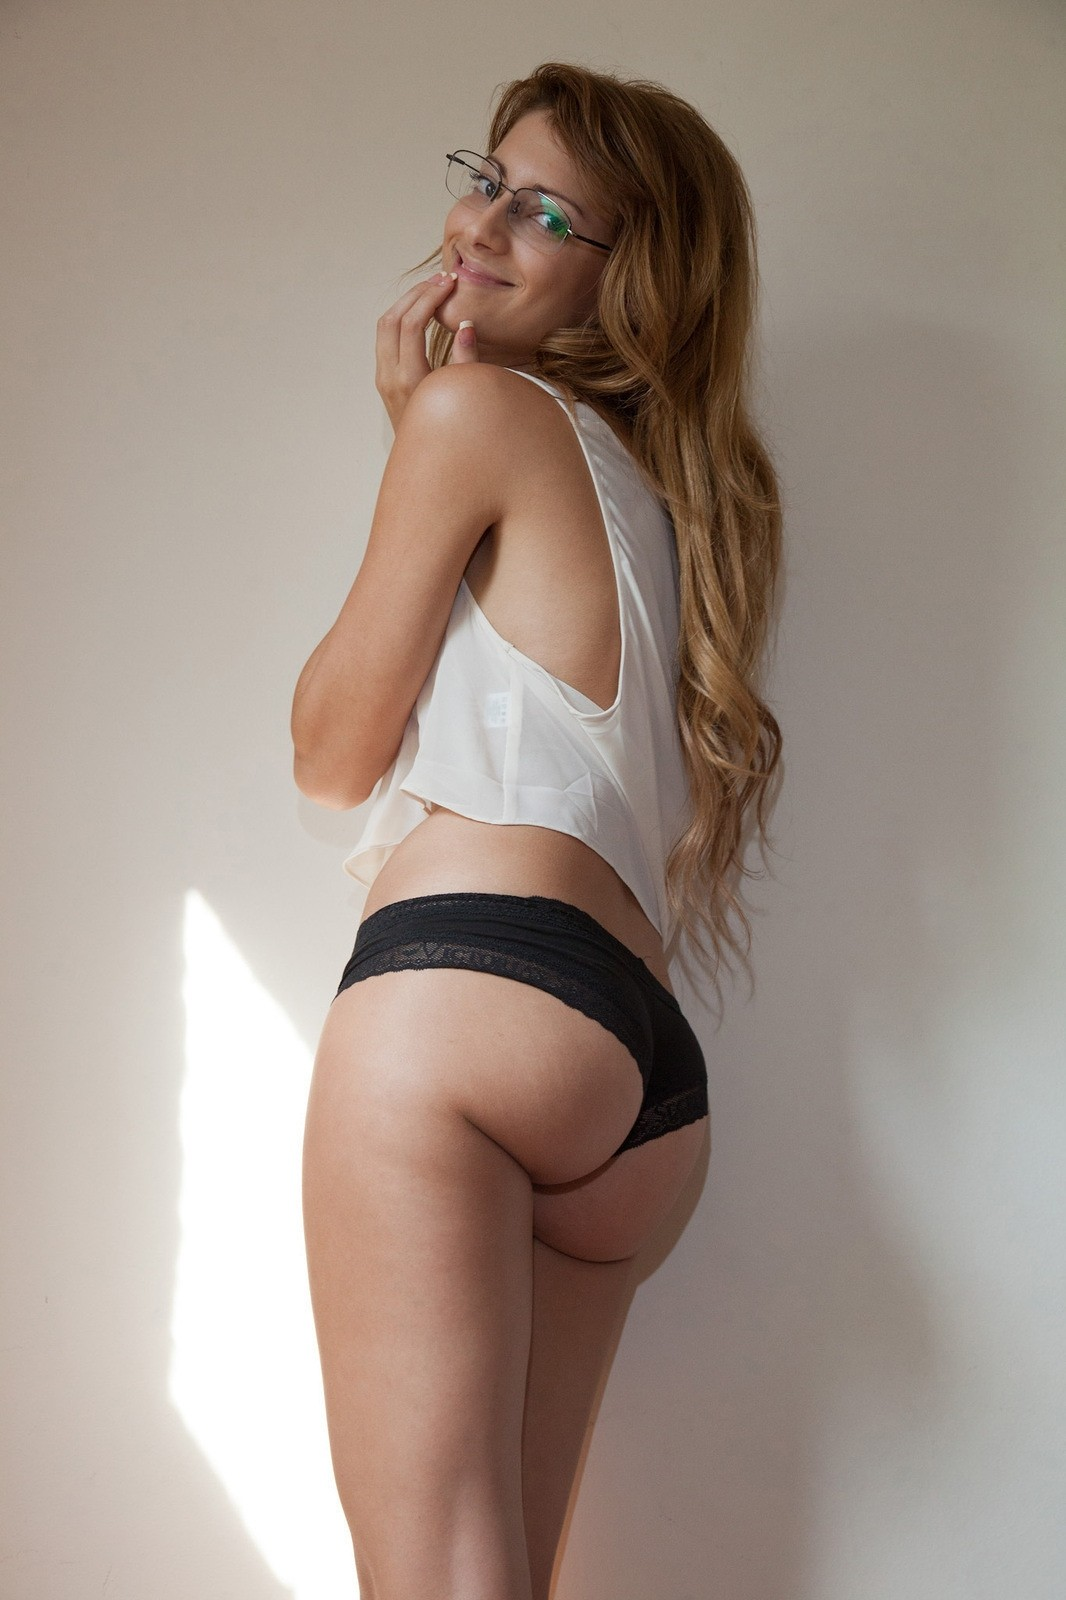 Смотреть задницы нижнем онлайн